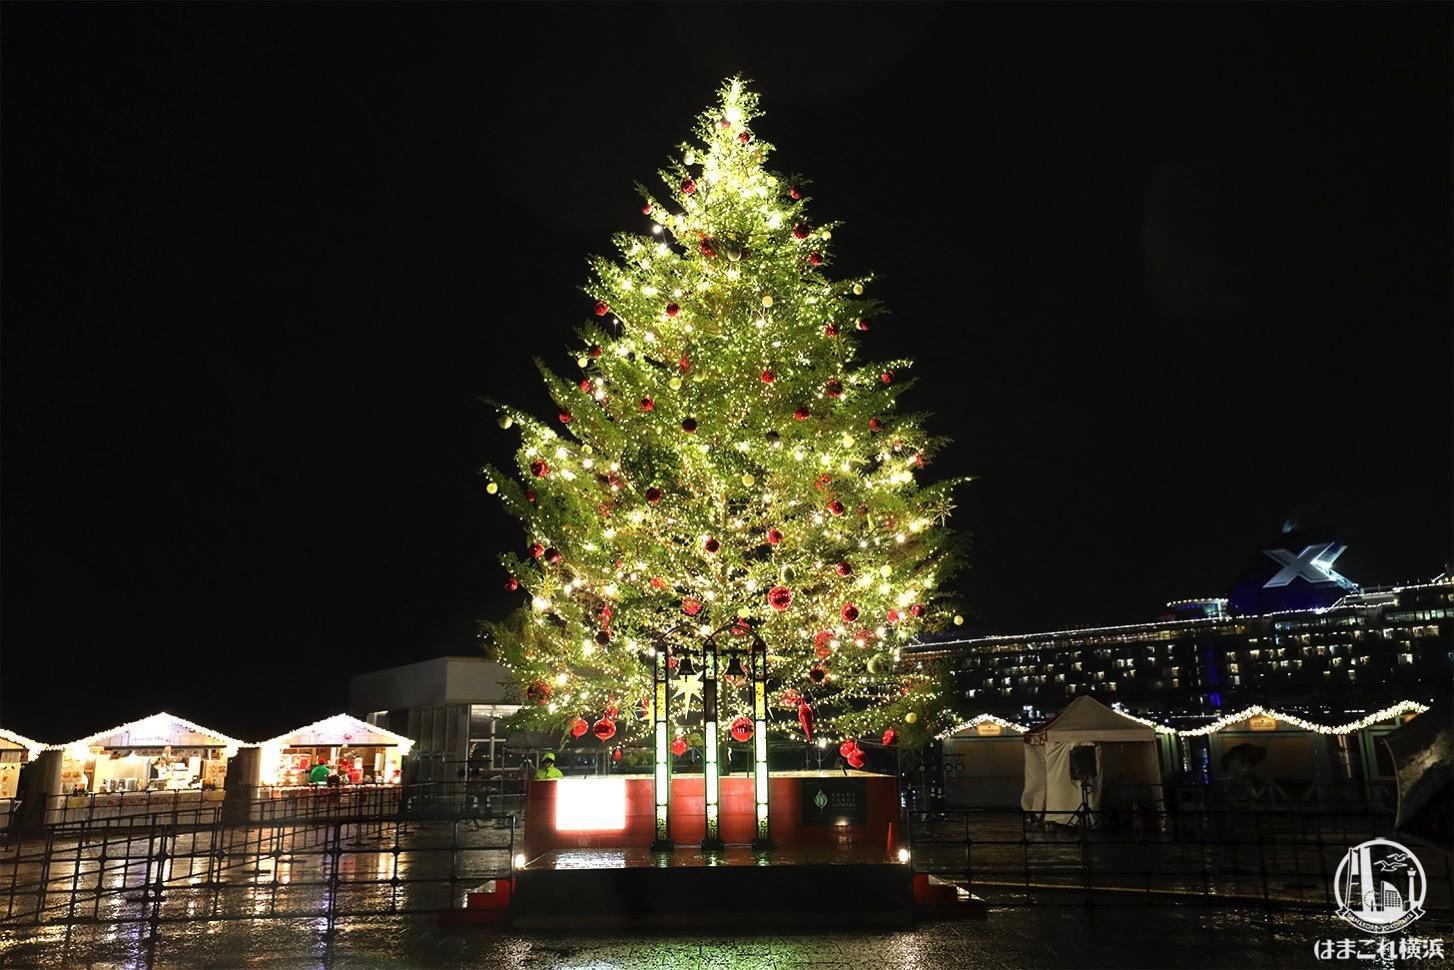 横浜赤レンガ倉庫のクリスマスマーケット会場拡張でよりロマンチックに!初日レポ